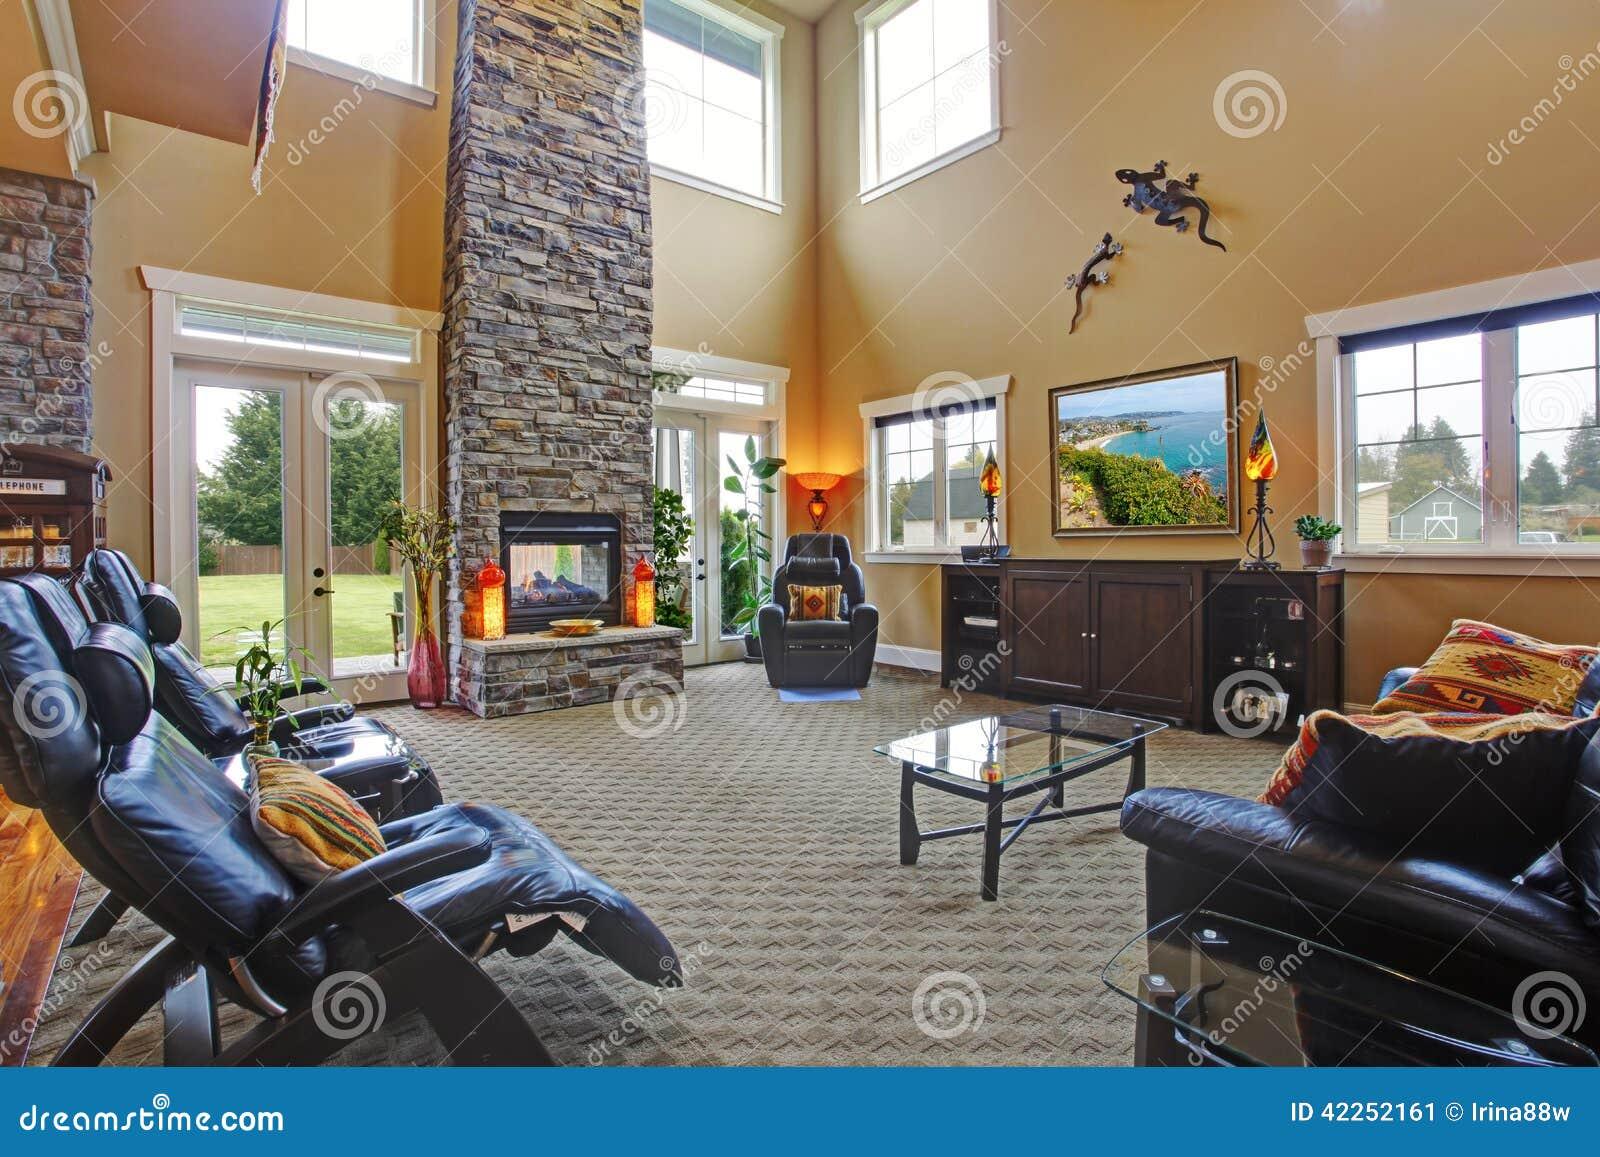 Int rieur de luxe de maison salle de s jour avec la chemin e - Cheminee interieur maison ...